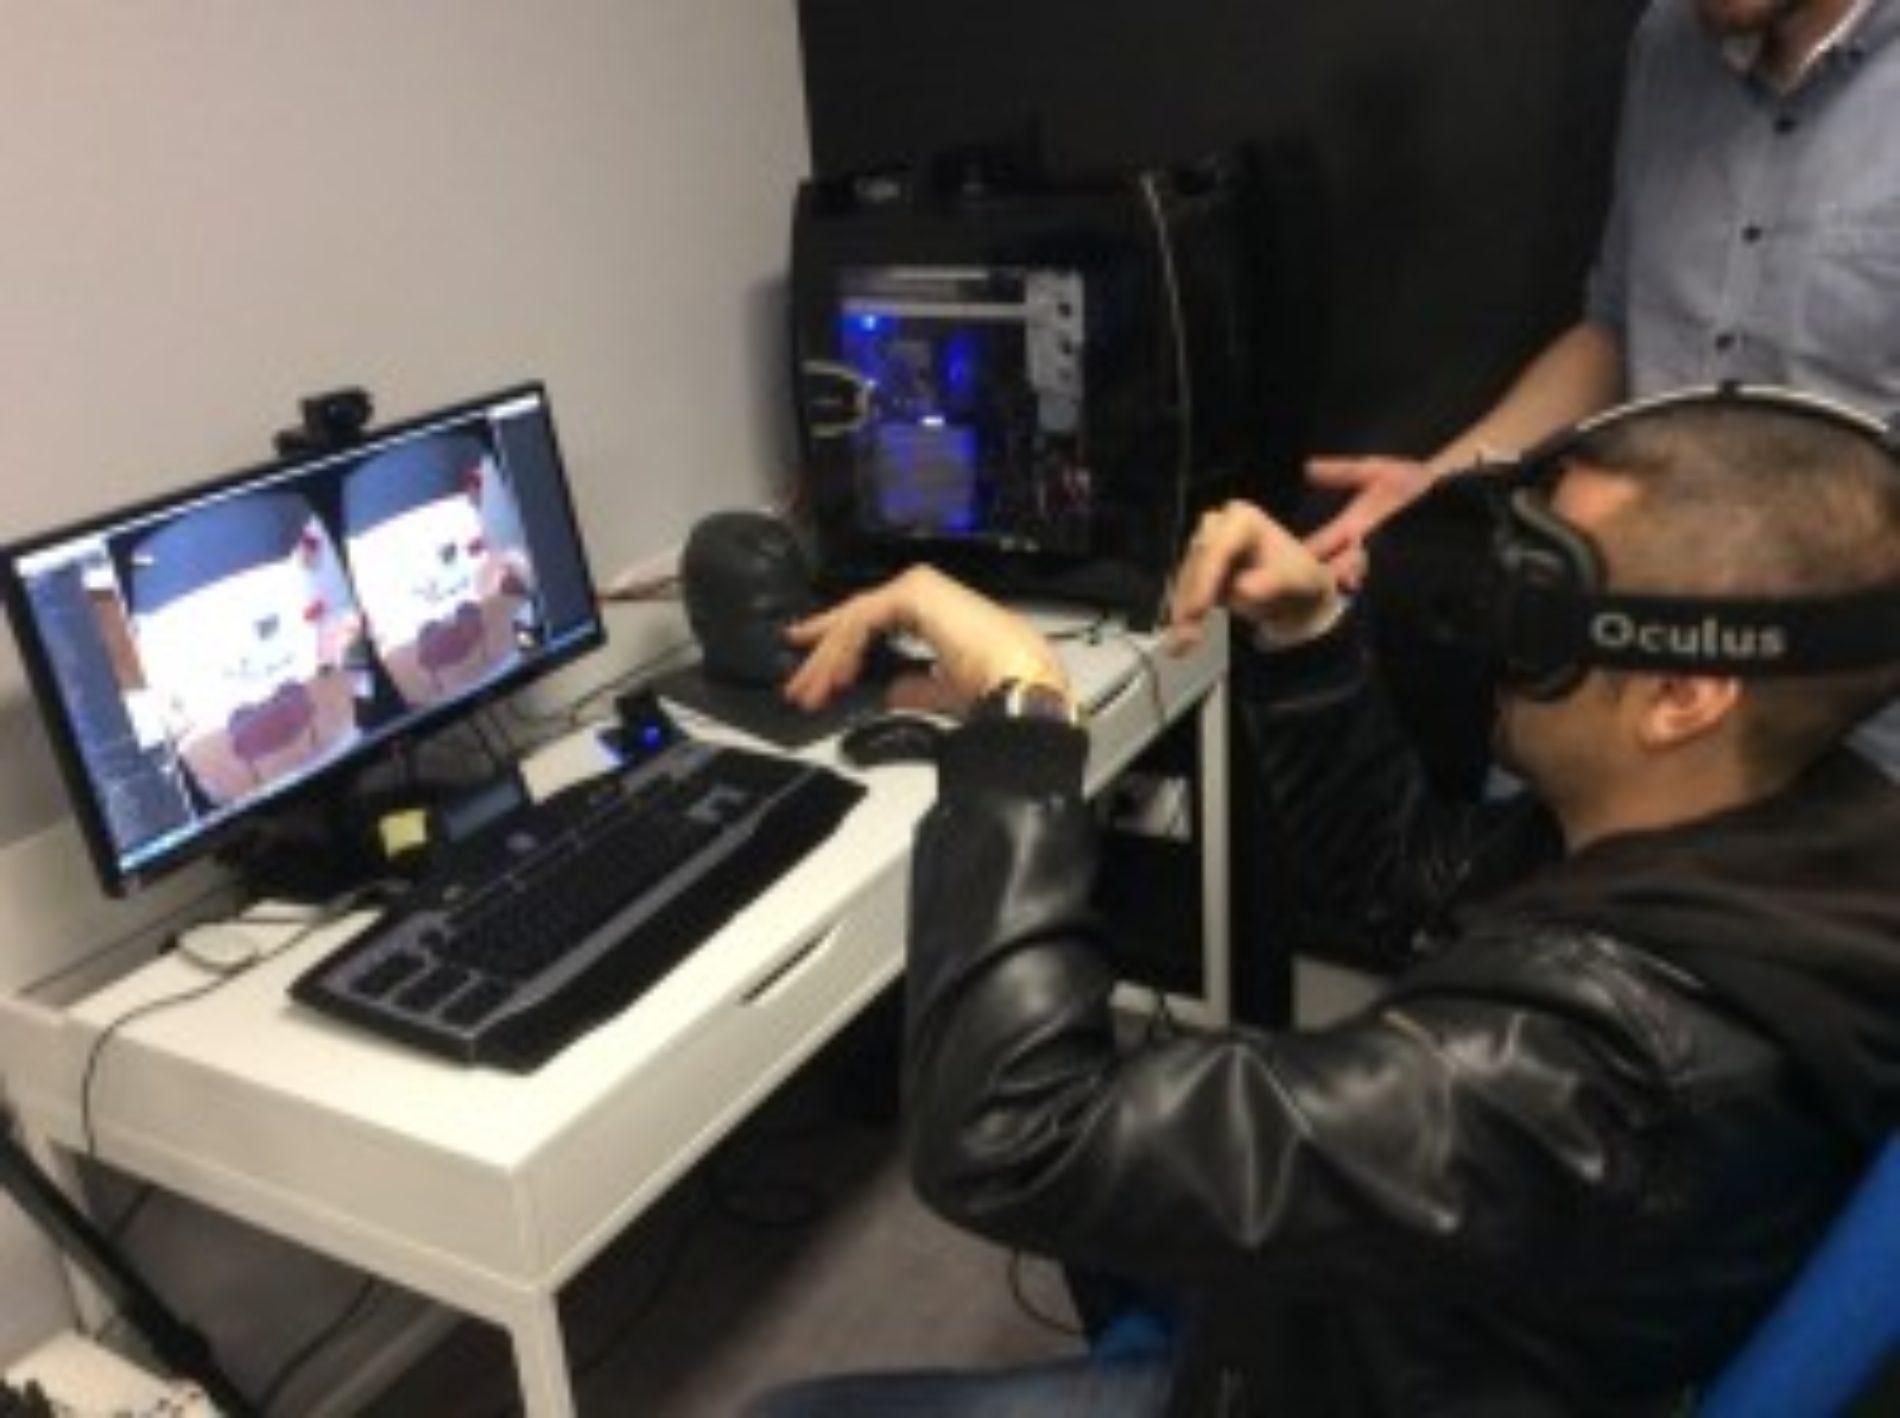 """Firenze – Caponnetto: """"La realtà virtuale può servire a far smettere di fumare i giovani"""""""